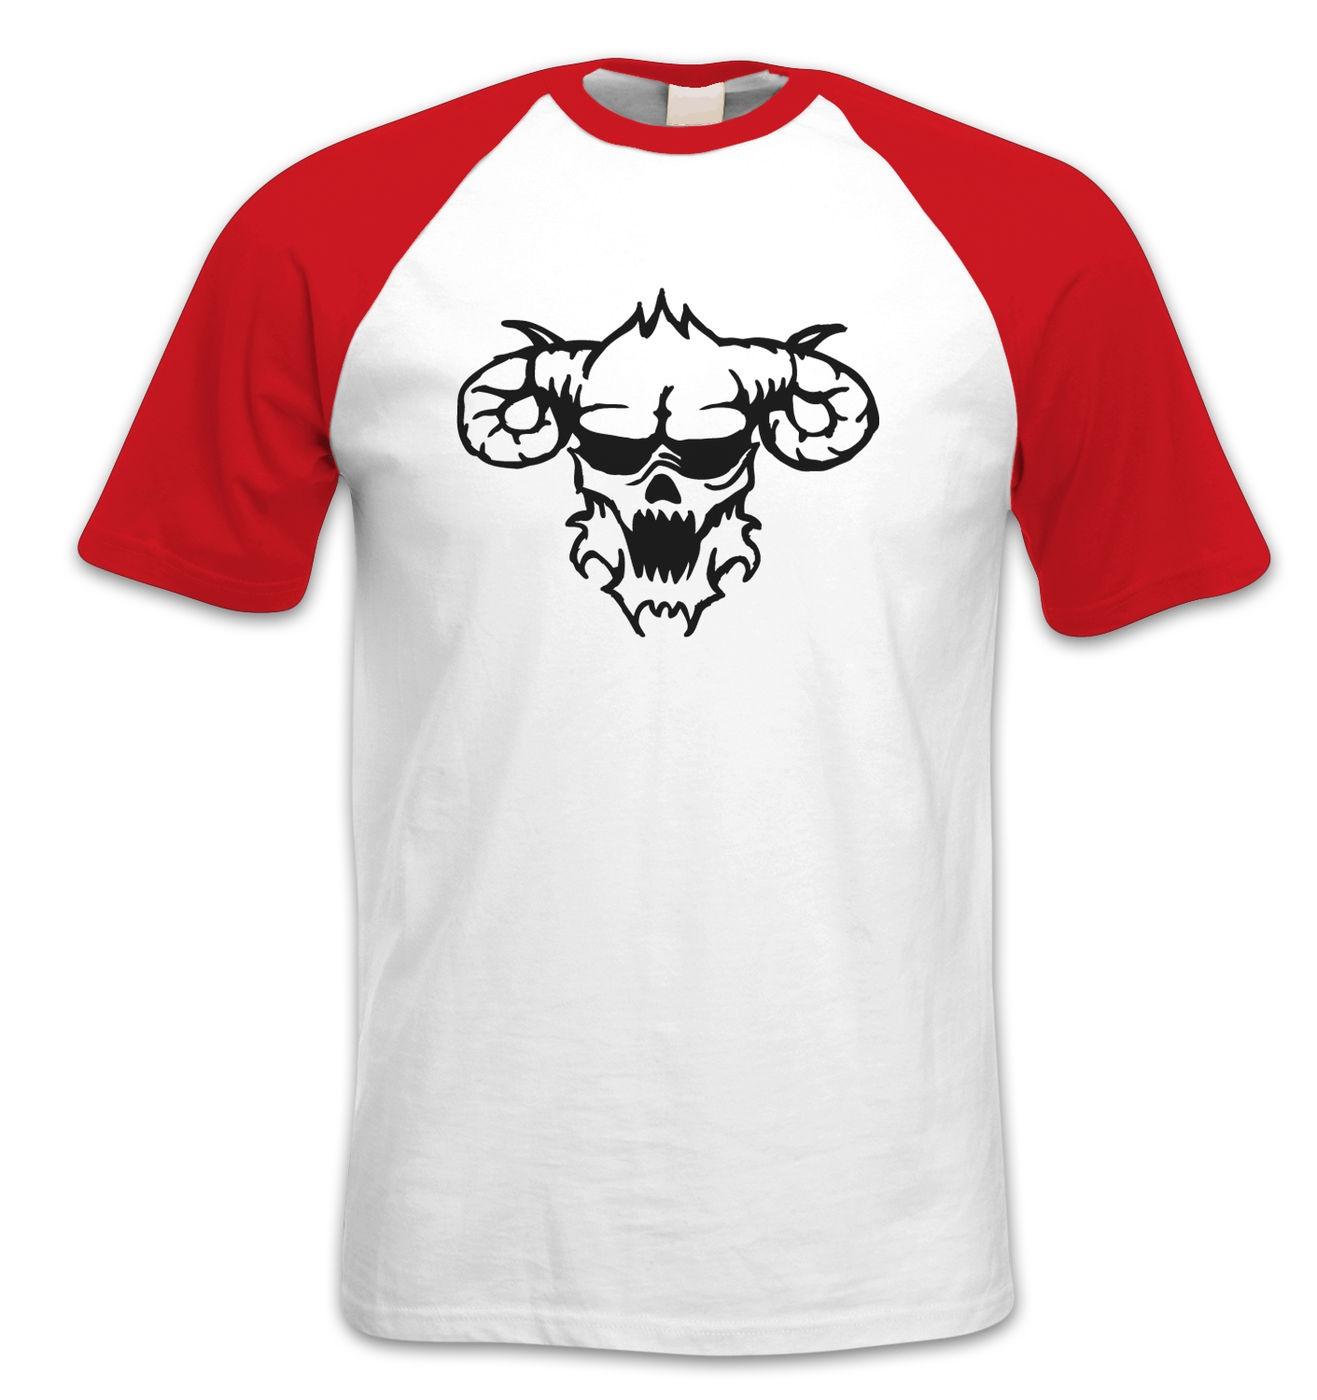 Black Outline Demon's Head short-sleeved baseball t-shirt